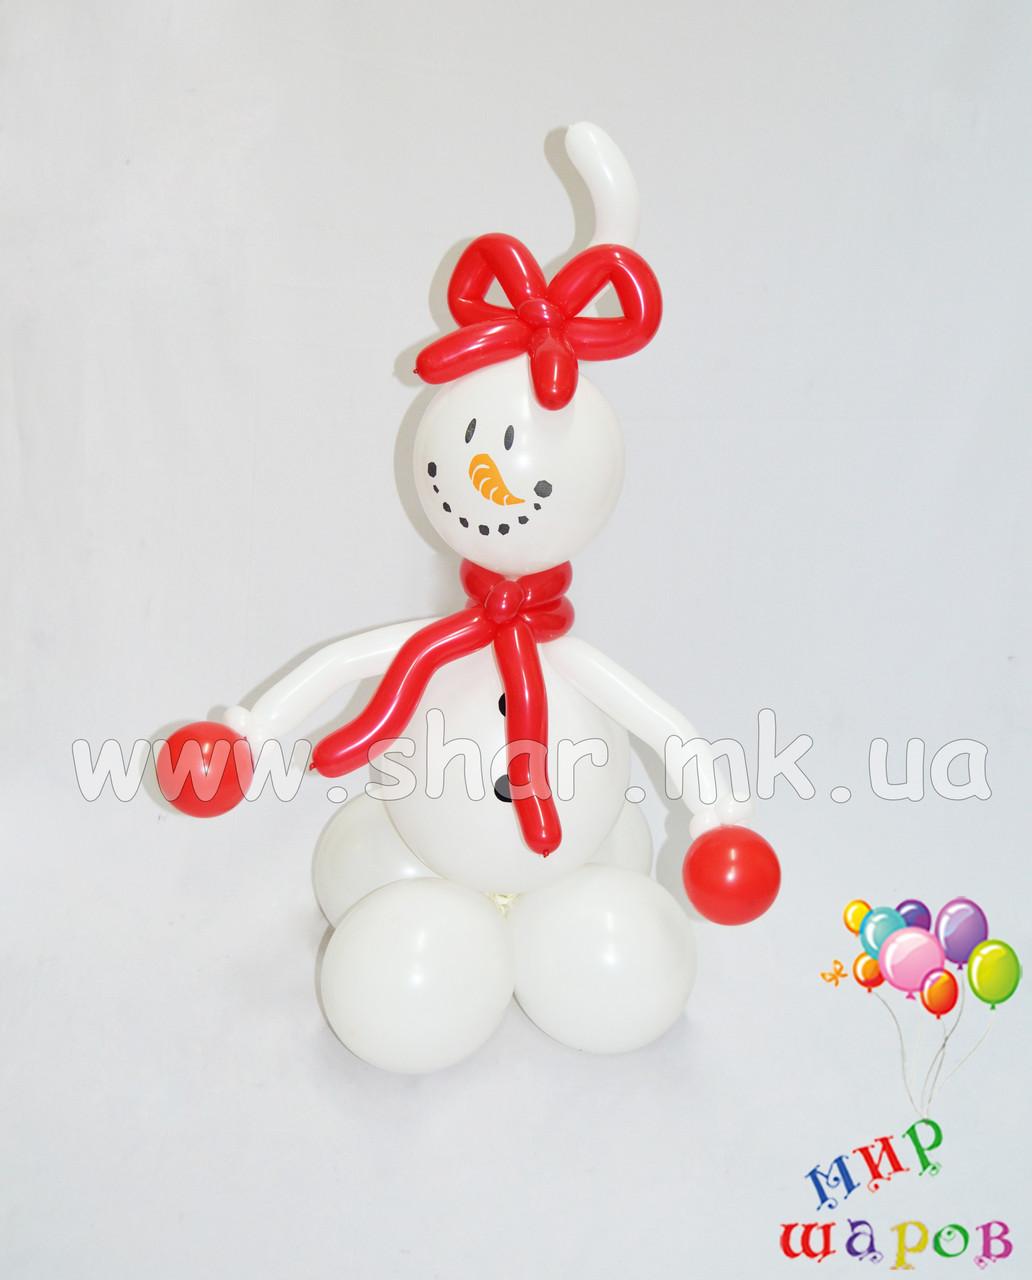 Забавный снеговик из воздушных шаров